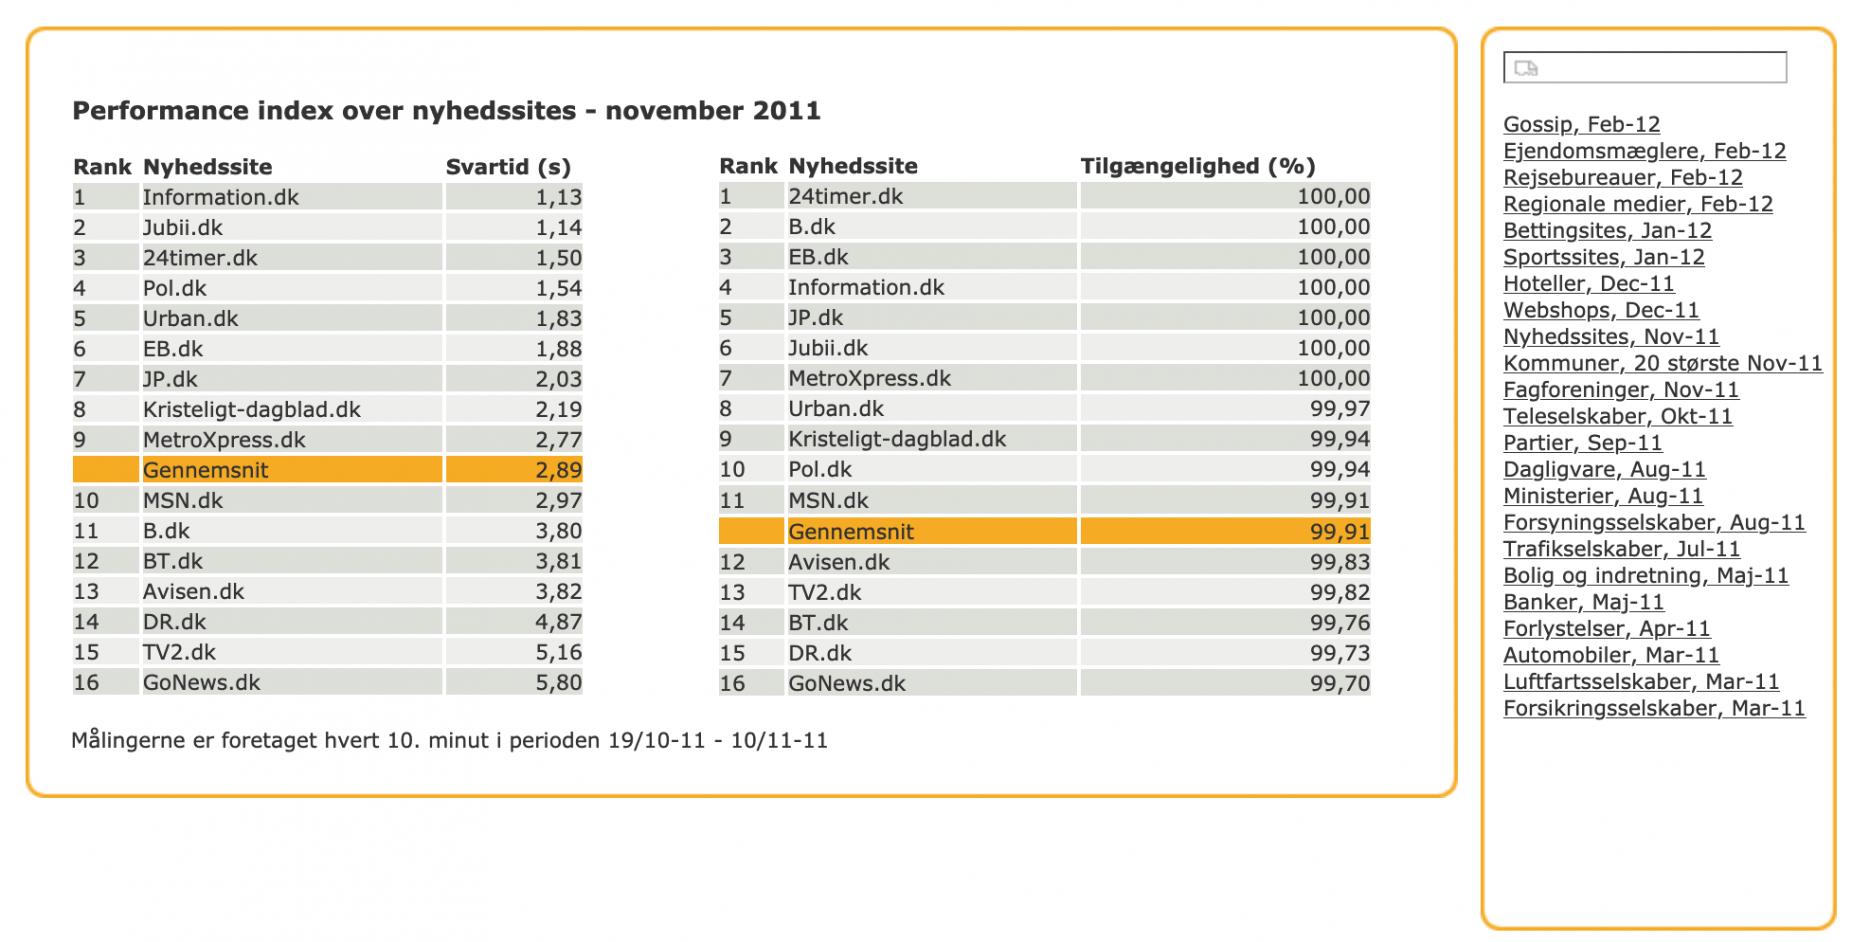 Digicure performance index for nyhedssites